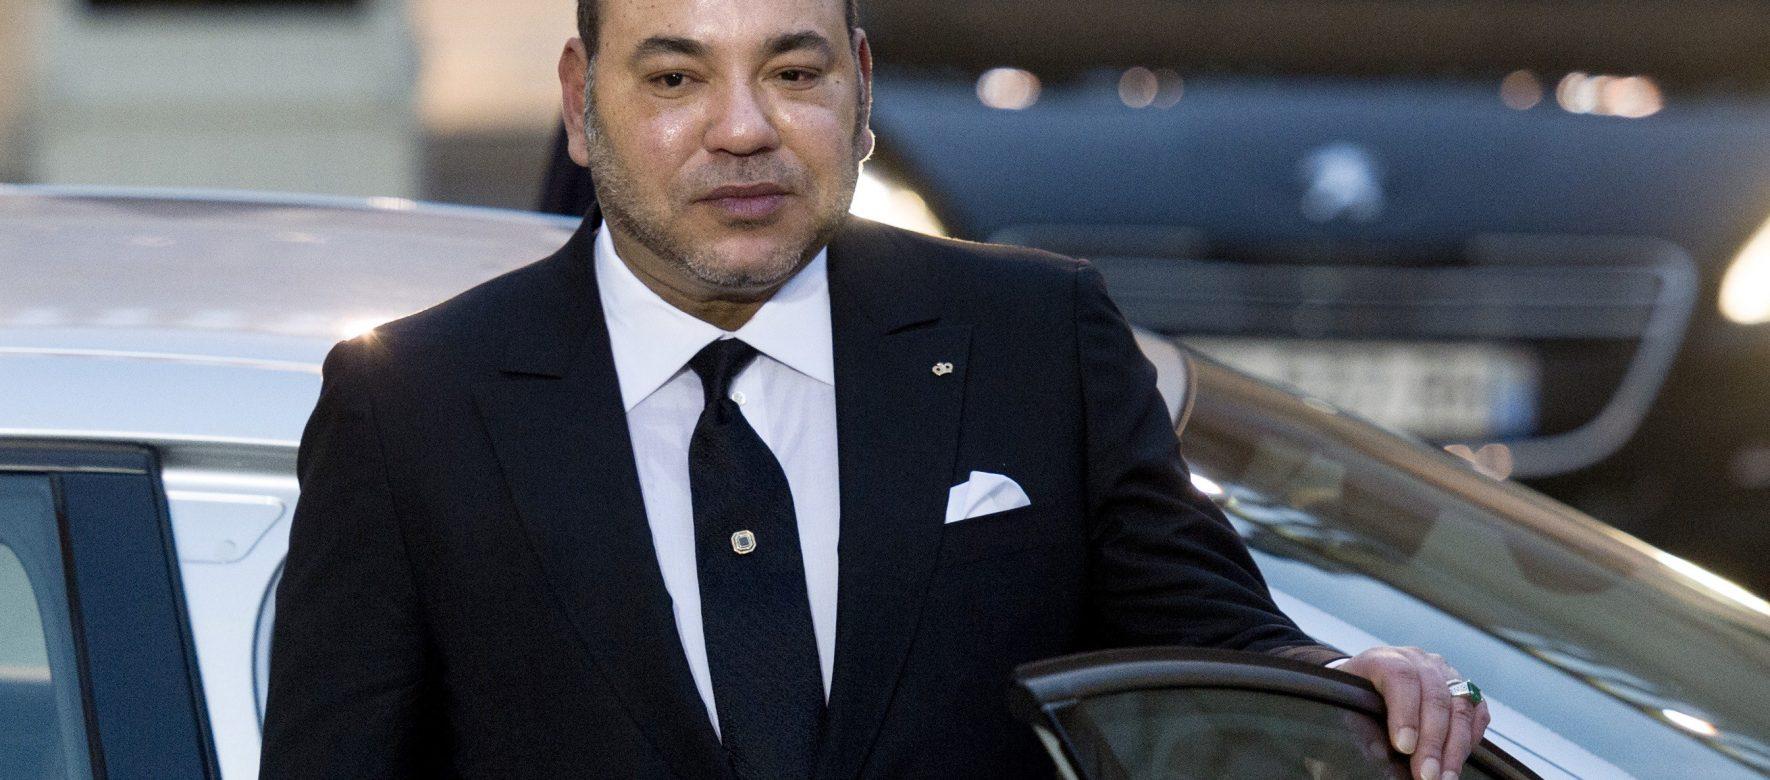 Crise diplomatique au Qatar : le Maroc s'immisce dans le casse-tête du Golfe